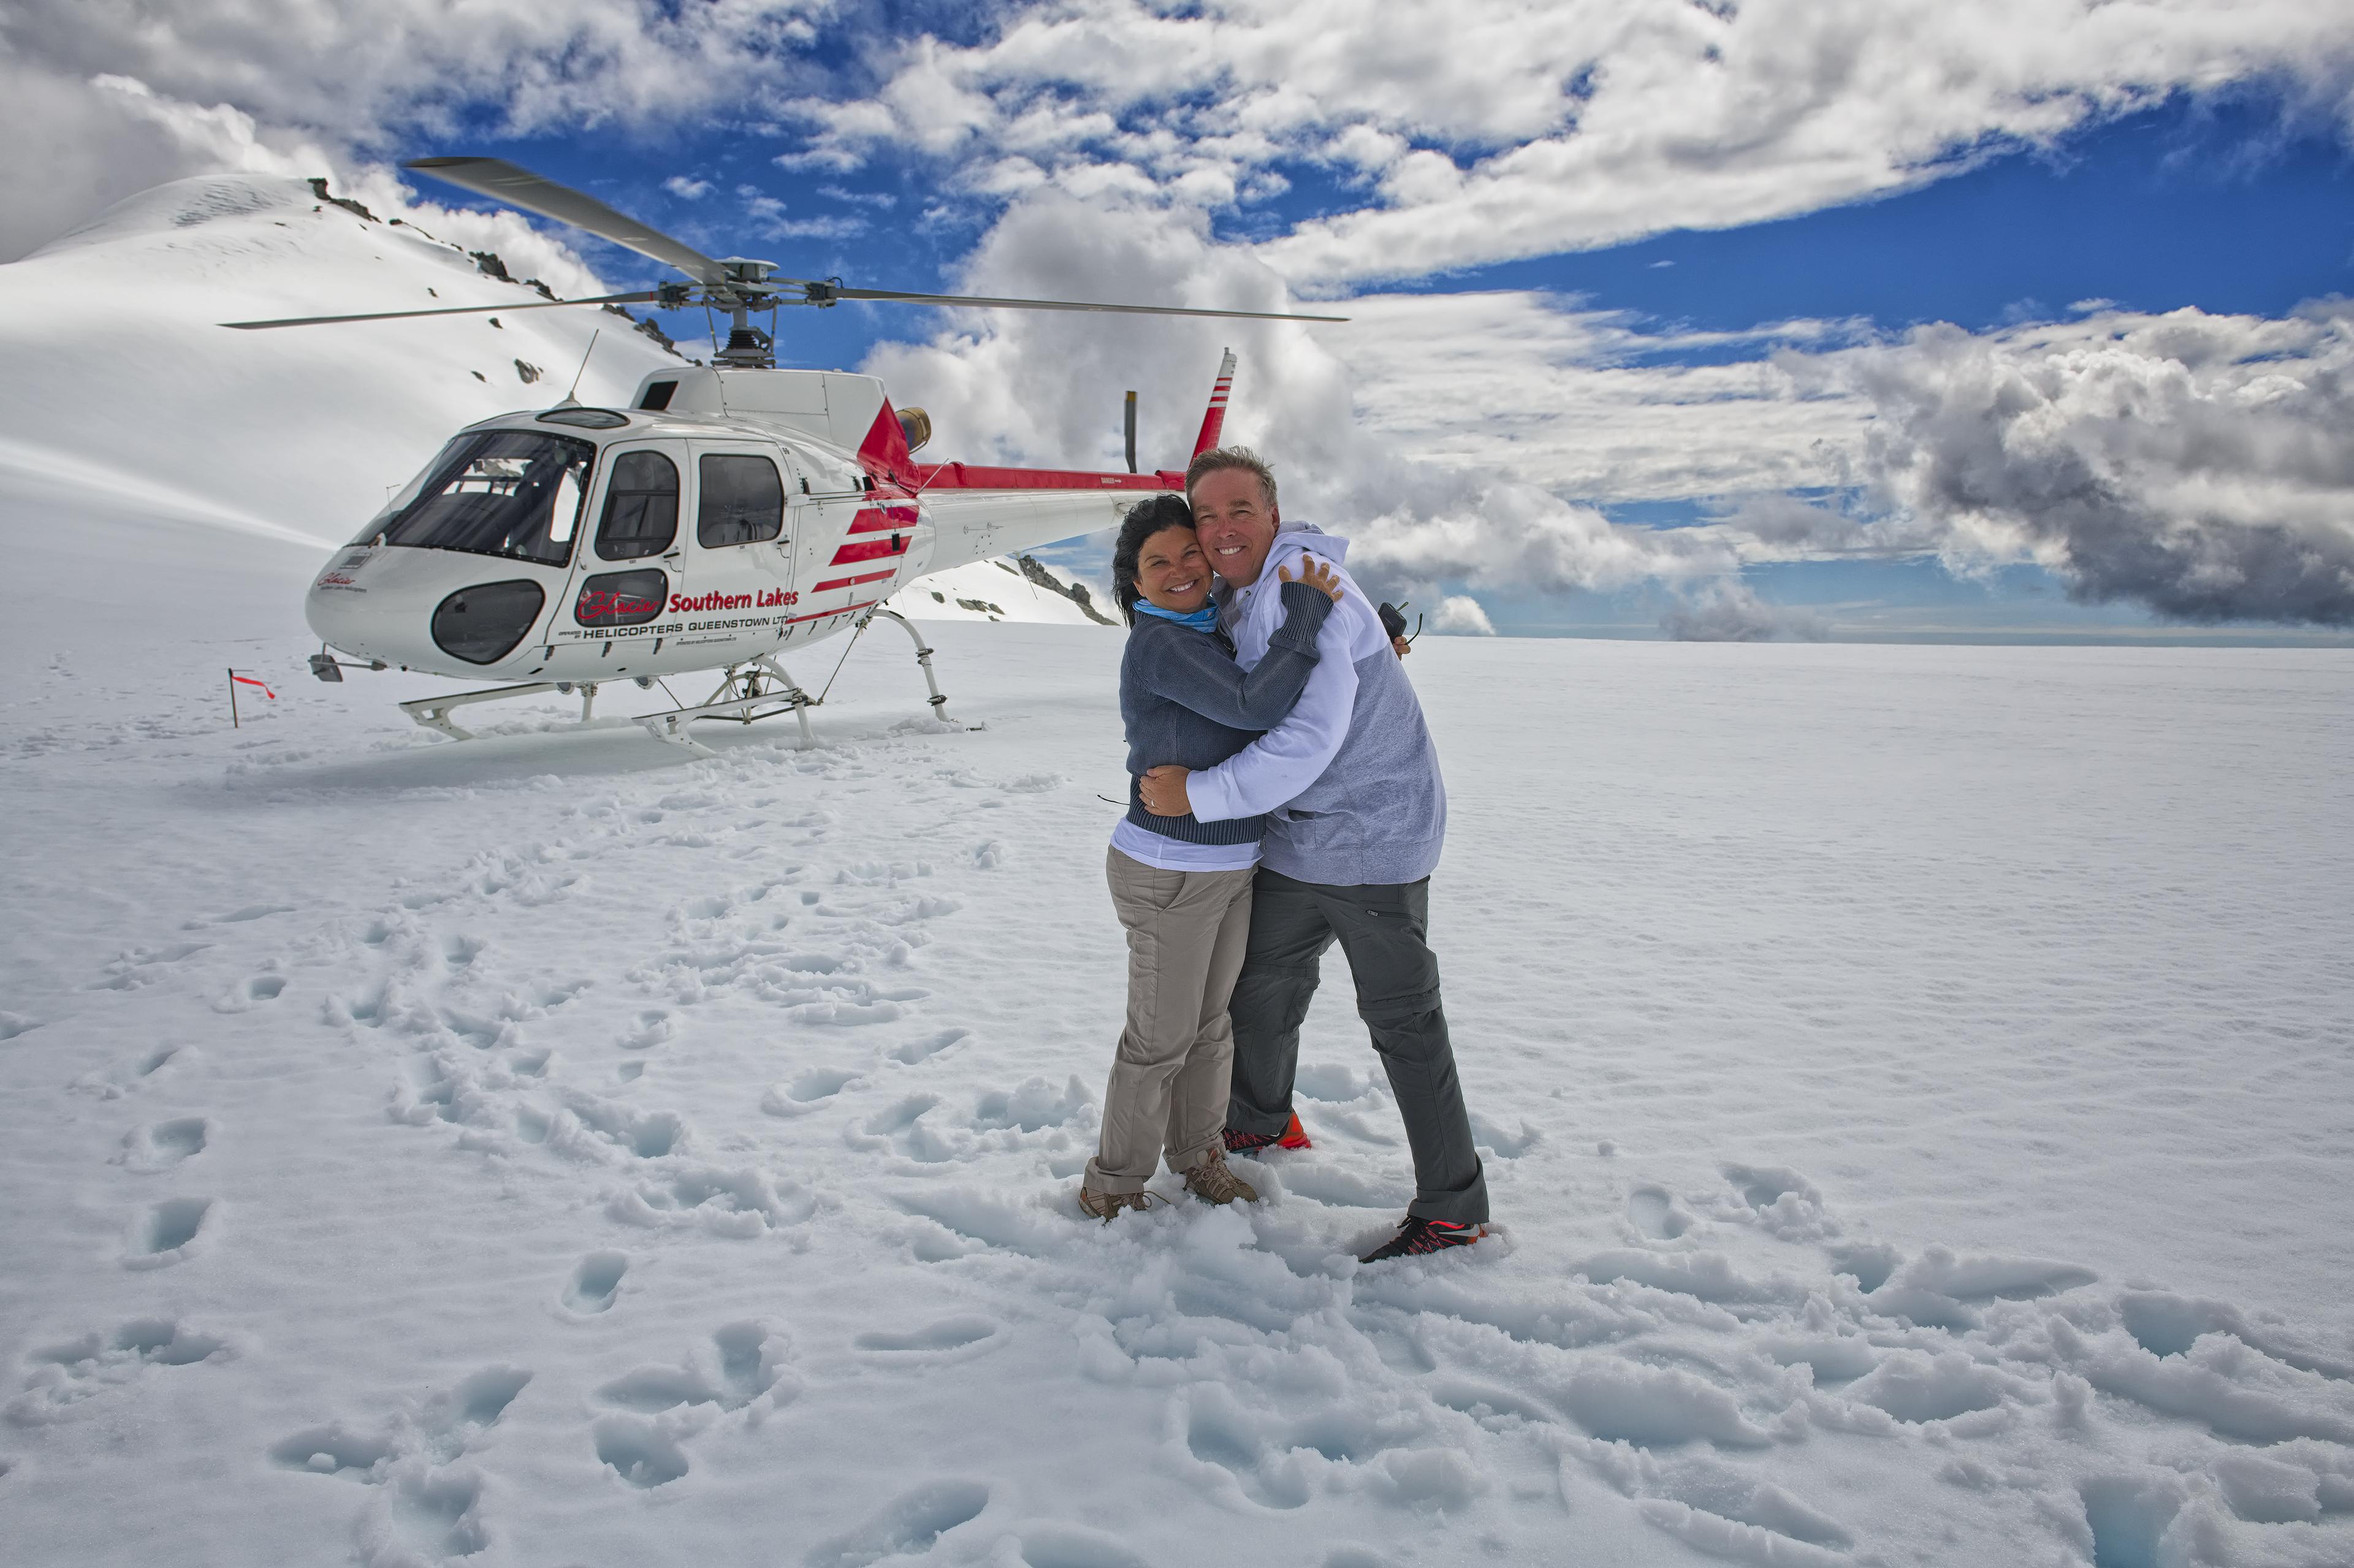 Landed on the Glacier